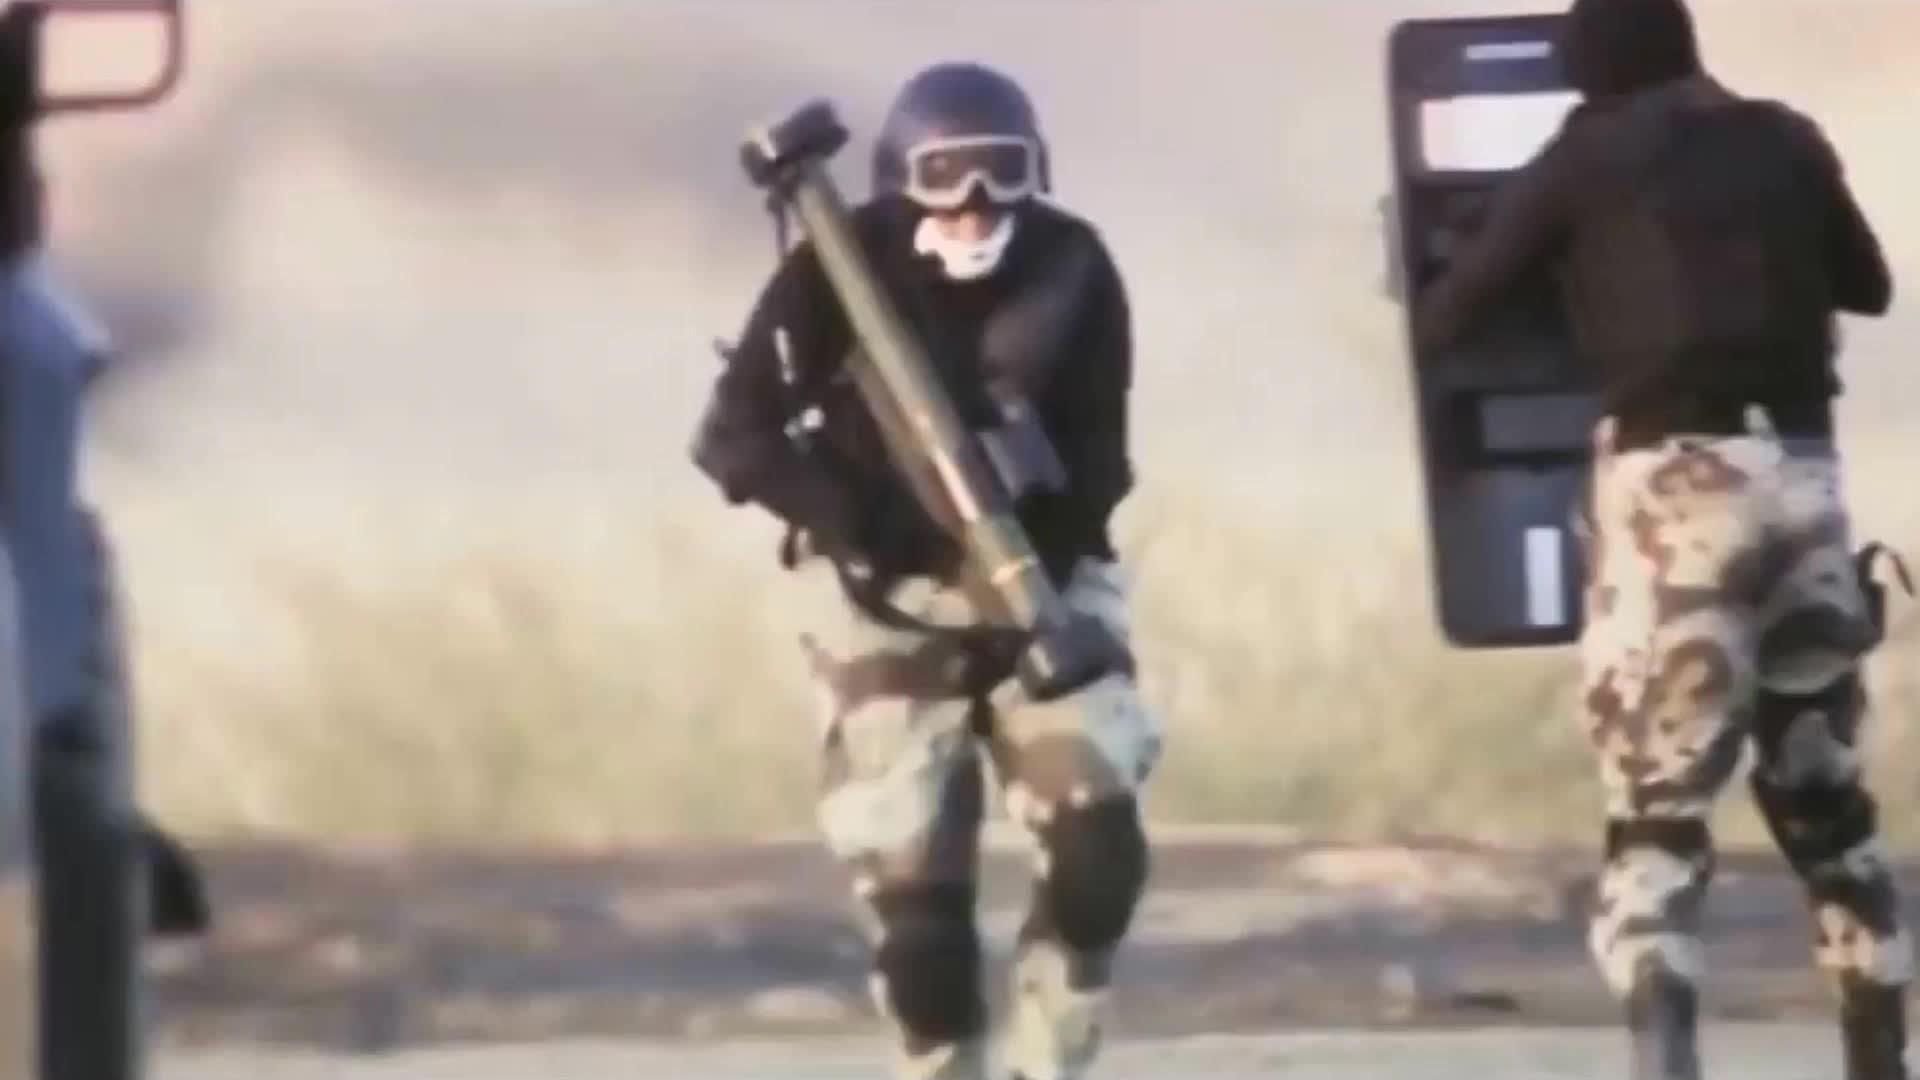 土豪沙特阿拉伯的皇家军队力量,装备很优良不差钱!